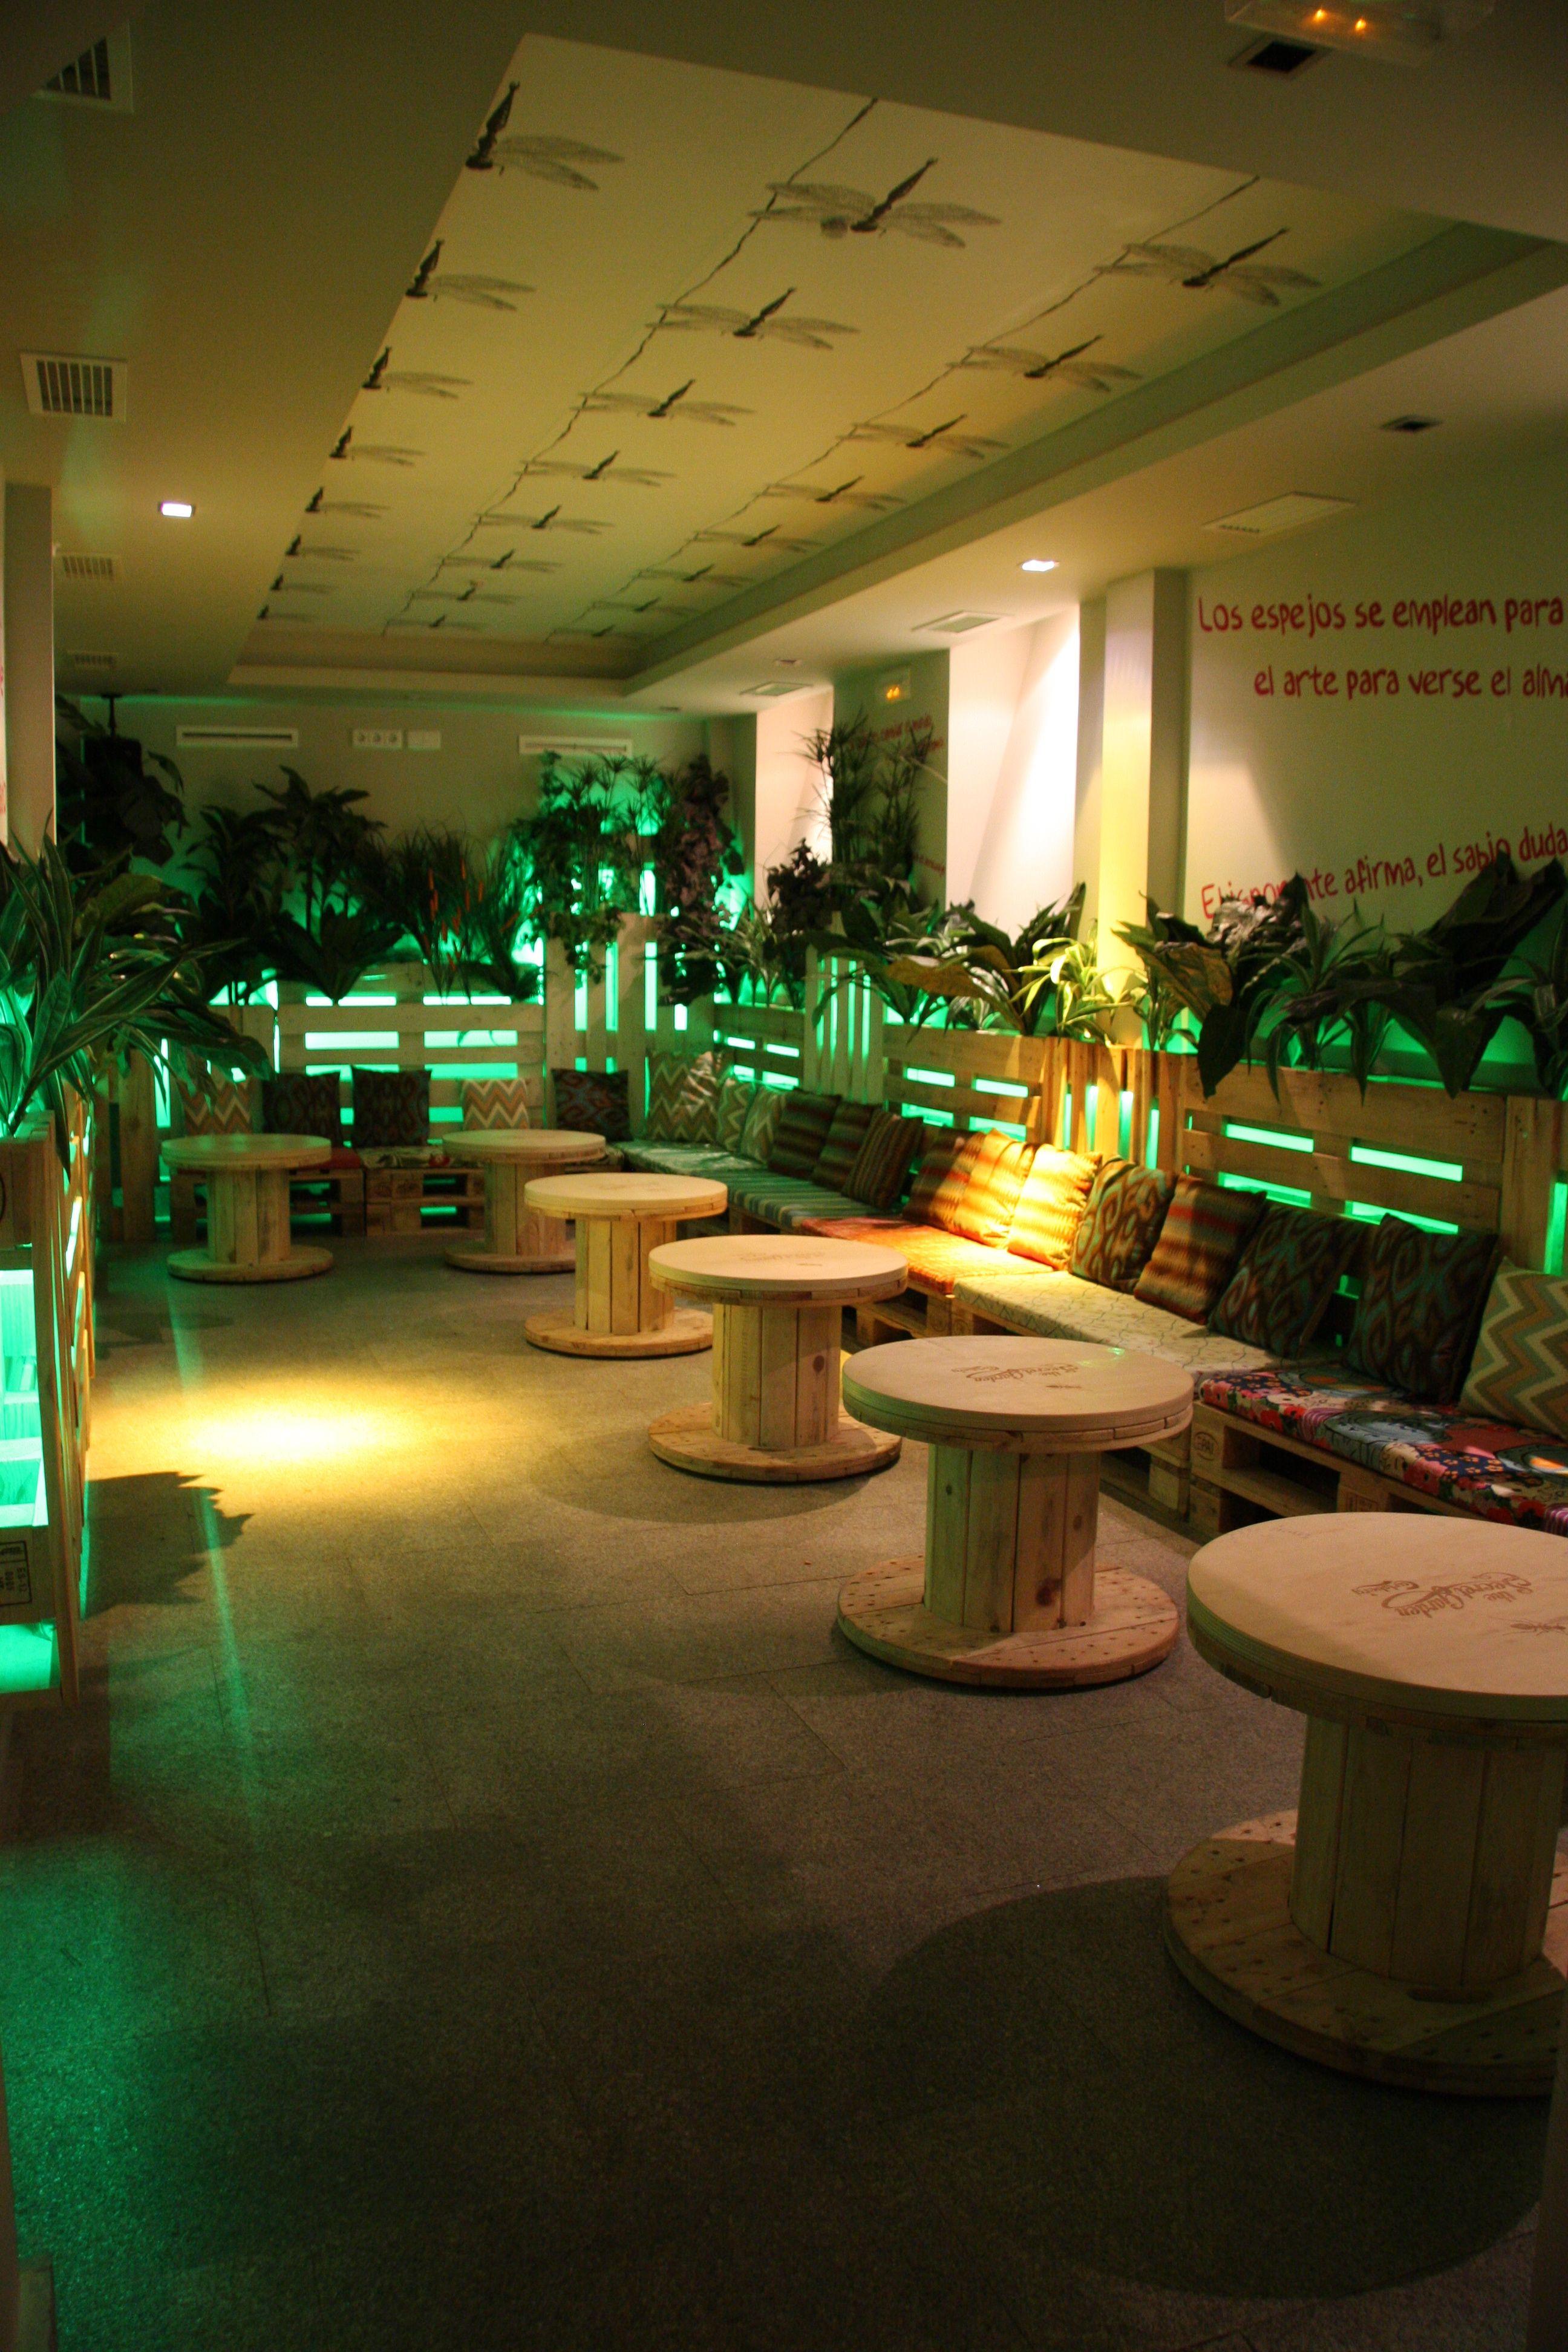 Bobinas De Cable De Madera Recicladas Sirven De Mesa En La Original  Decoración De Nuestro Bar